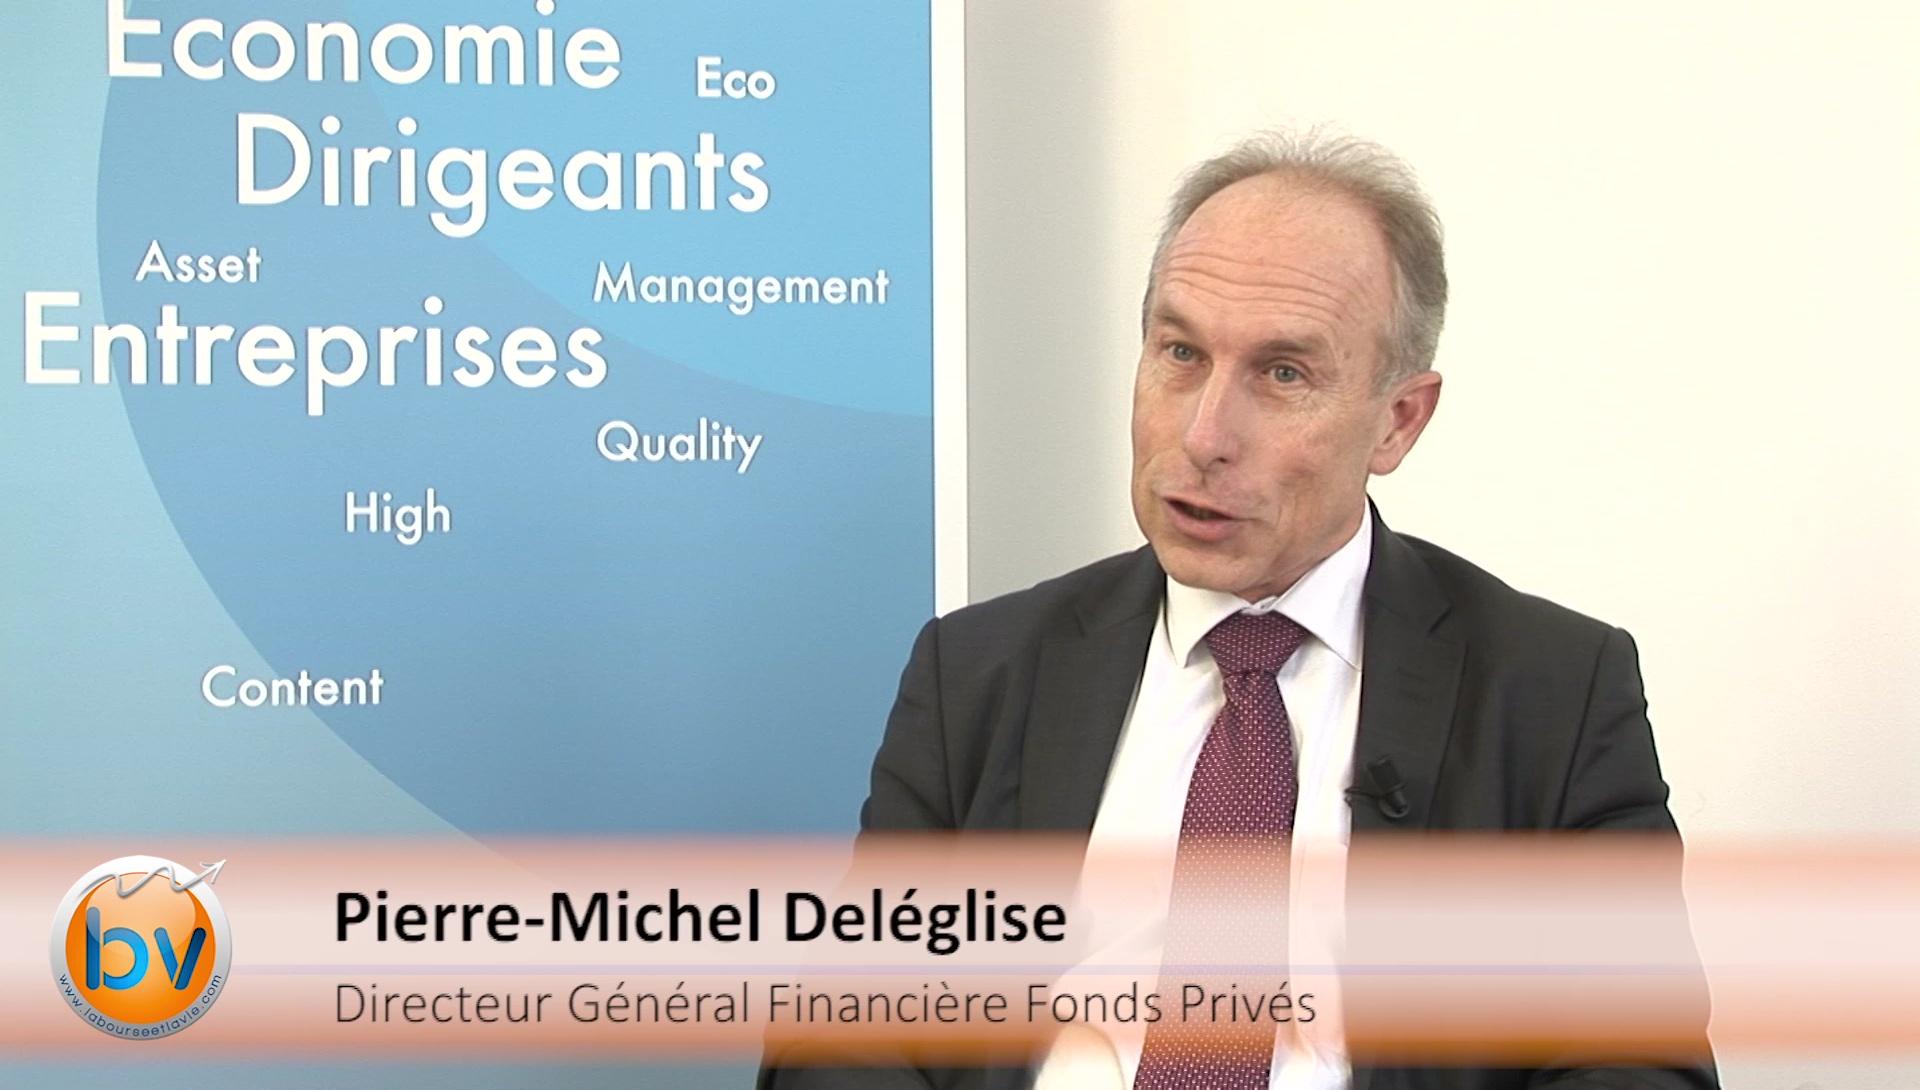 Pierre-Michel Deléglise Directeur Général Financière Fonds Privés